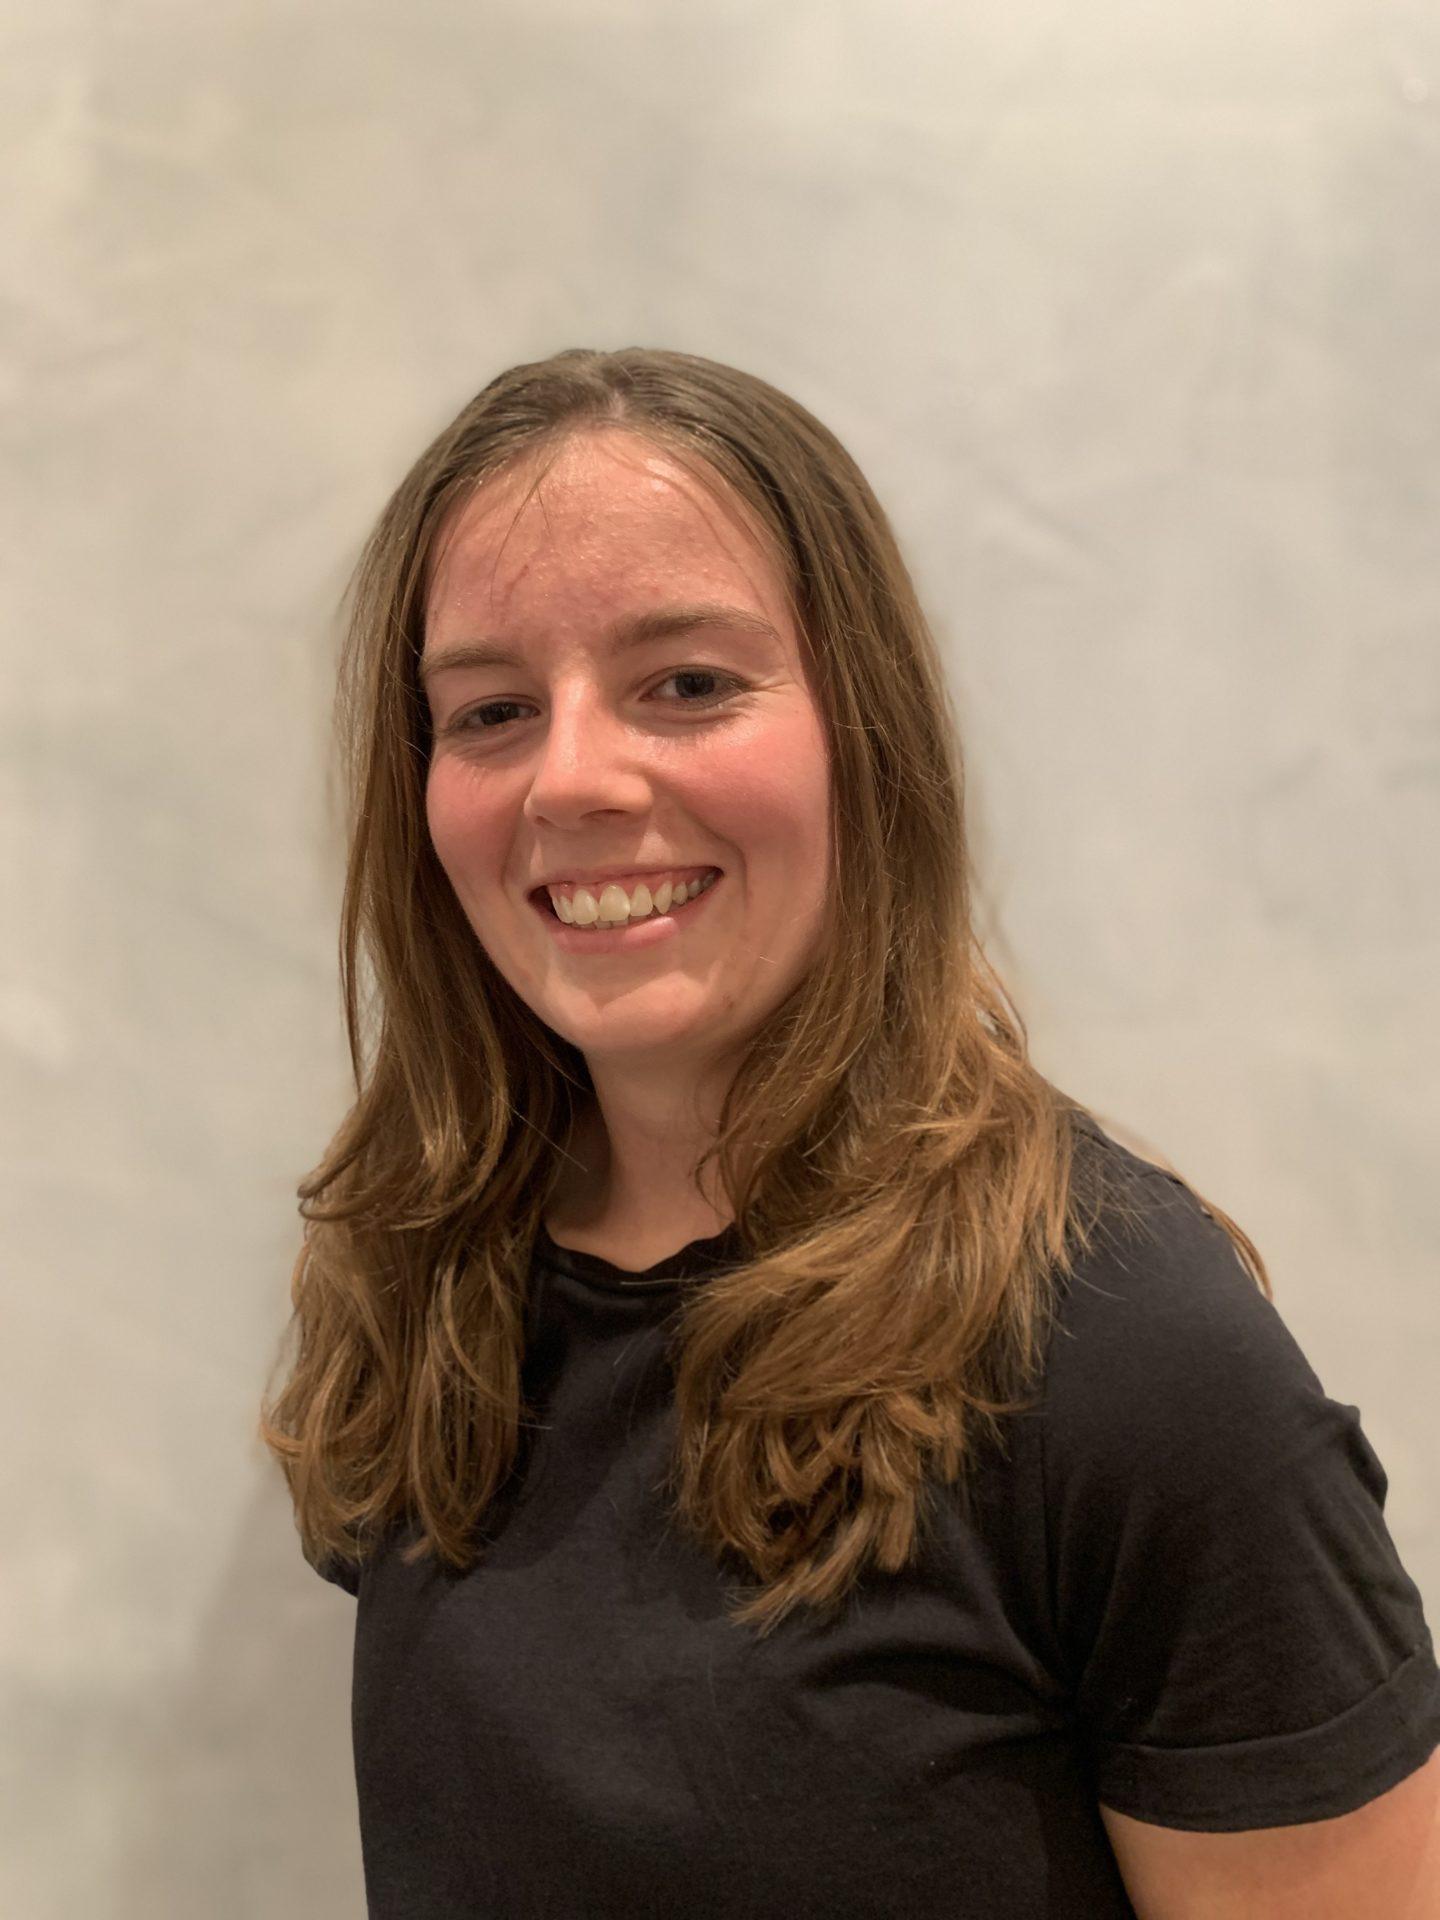 Fysioterapeutstuderende og massør Emilia Rendbæk